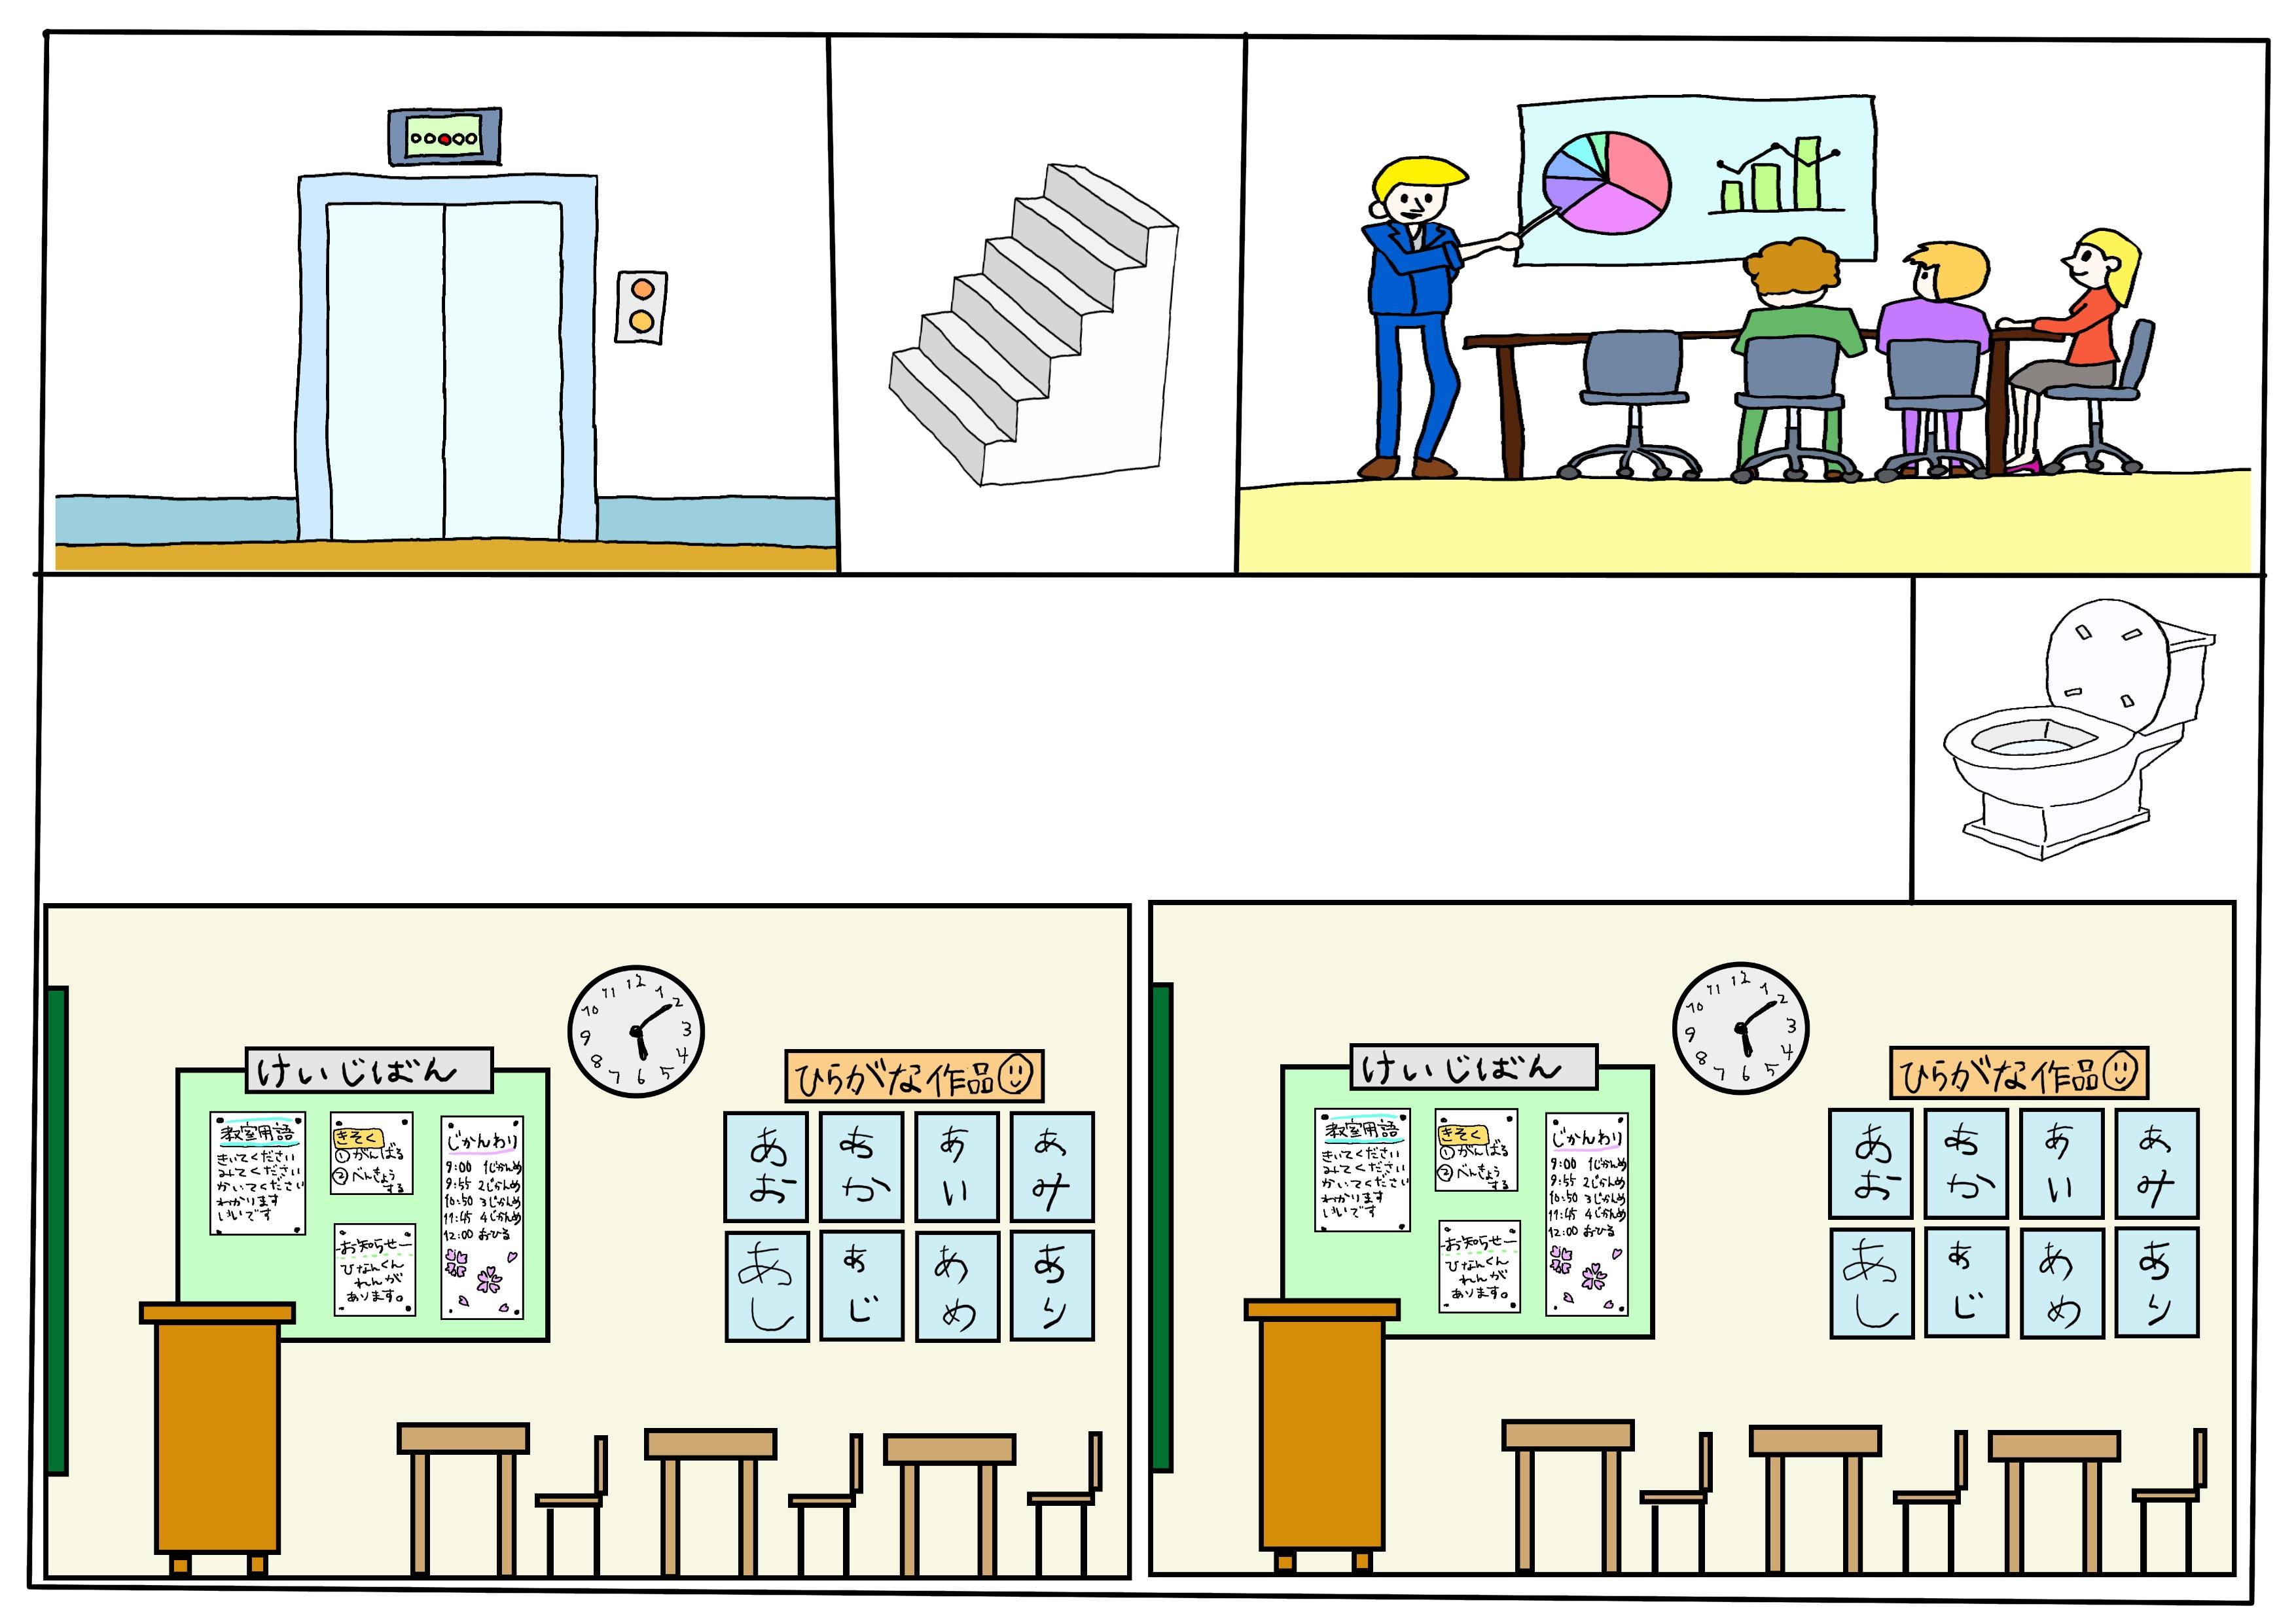 3課イラスト【建物の中/教室と会議室】